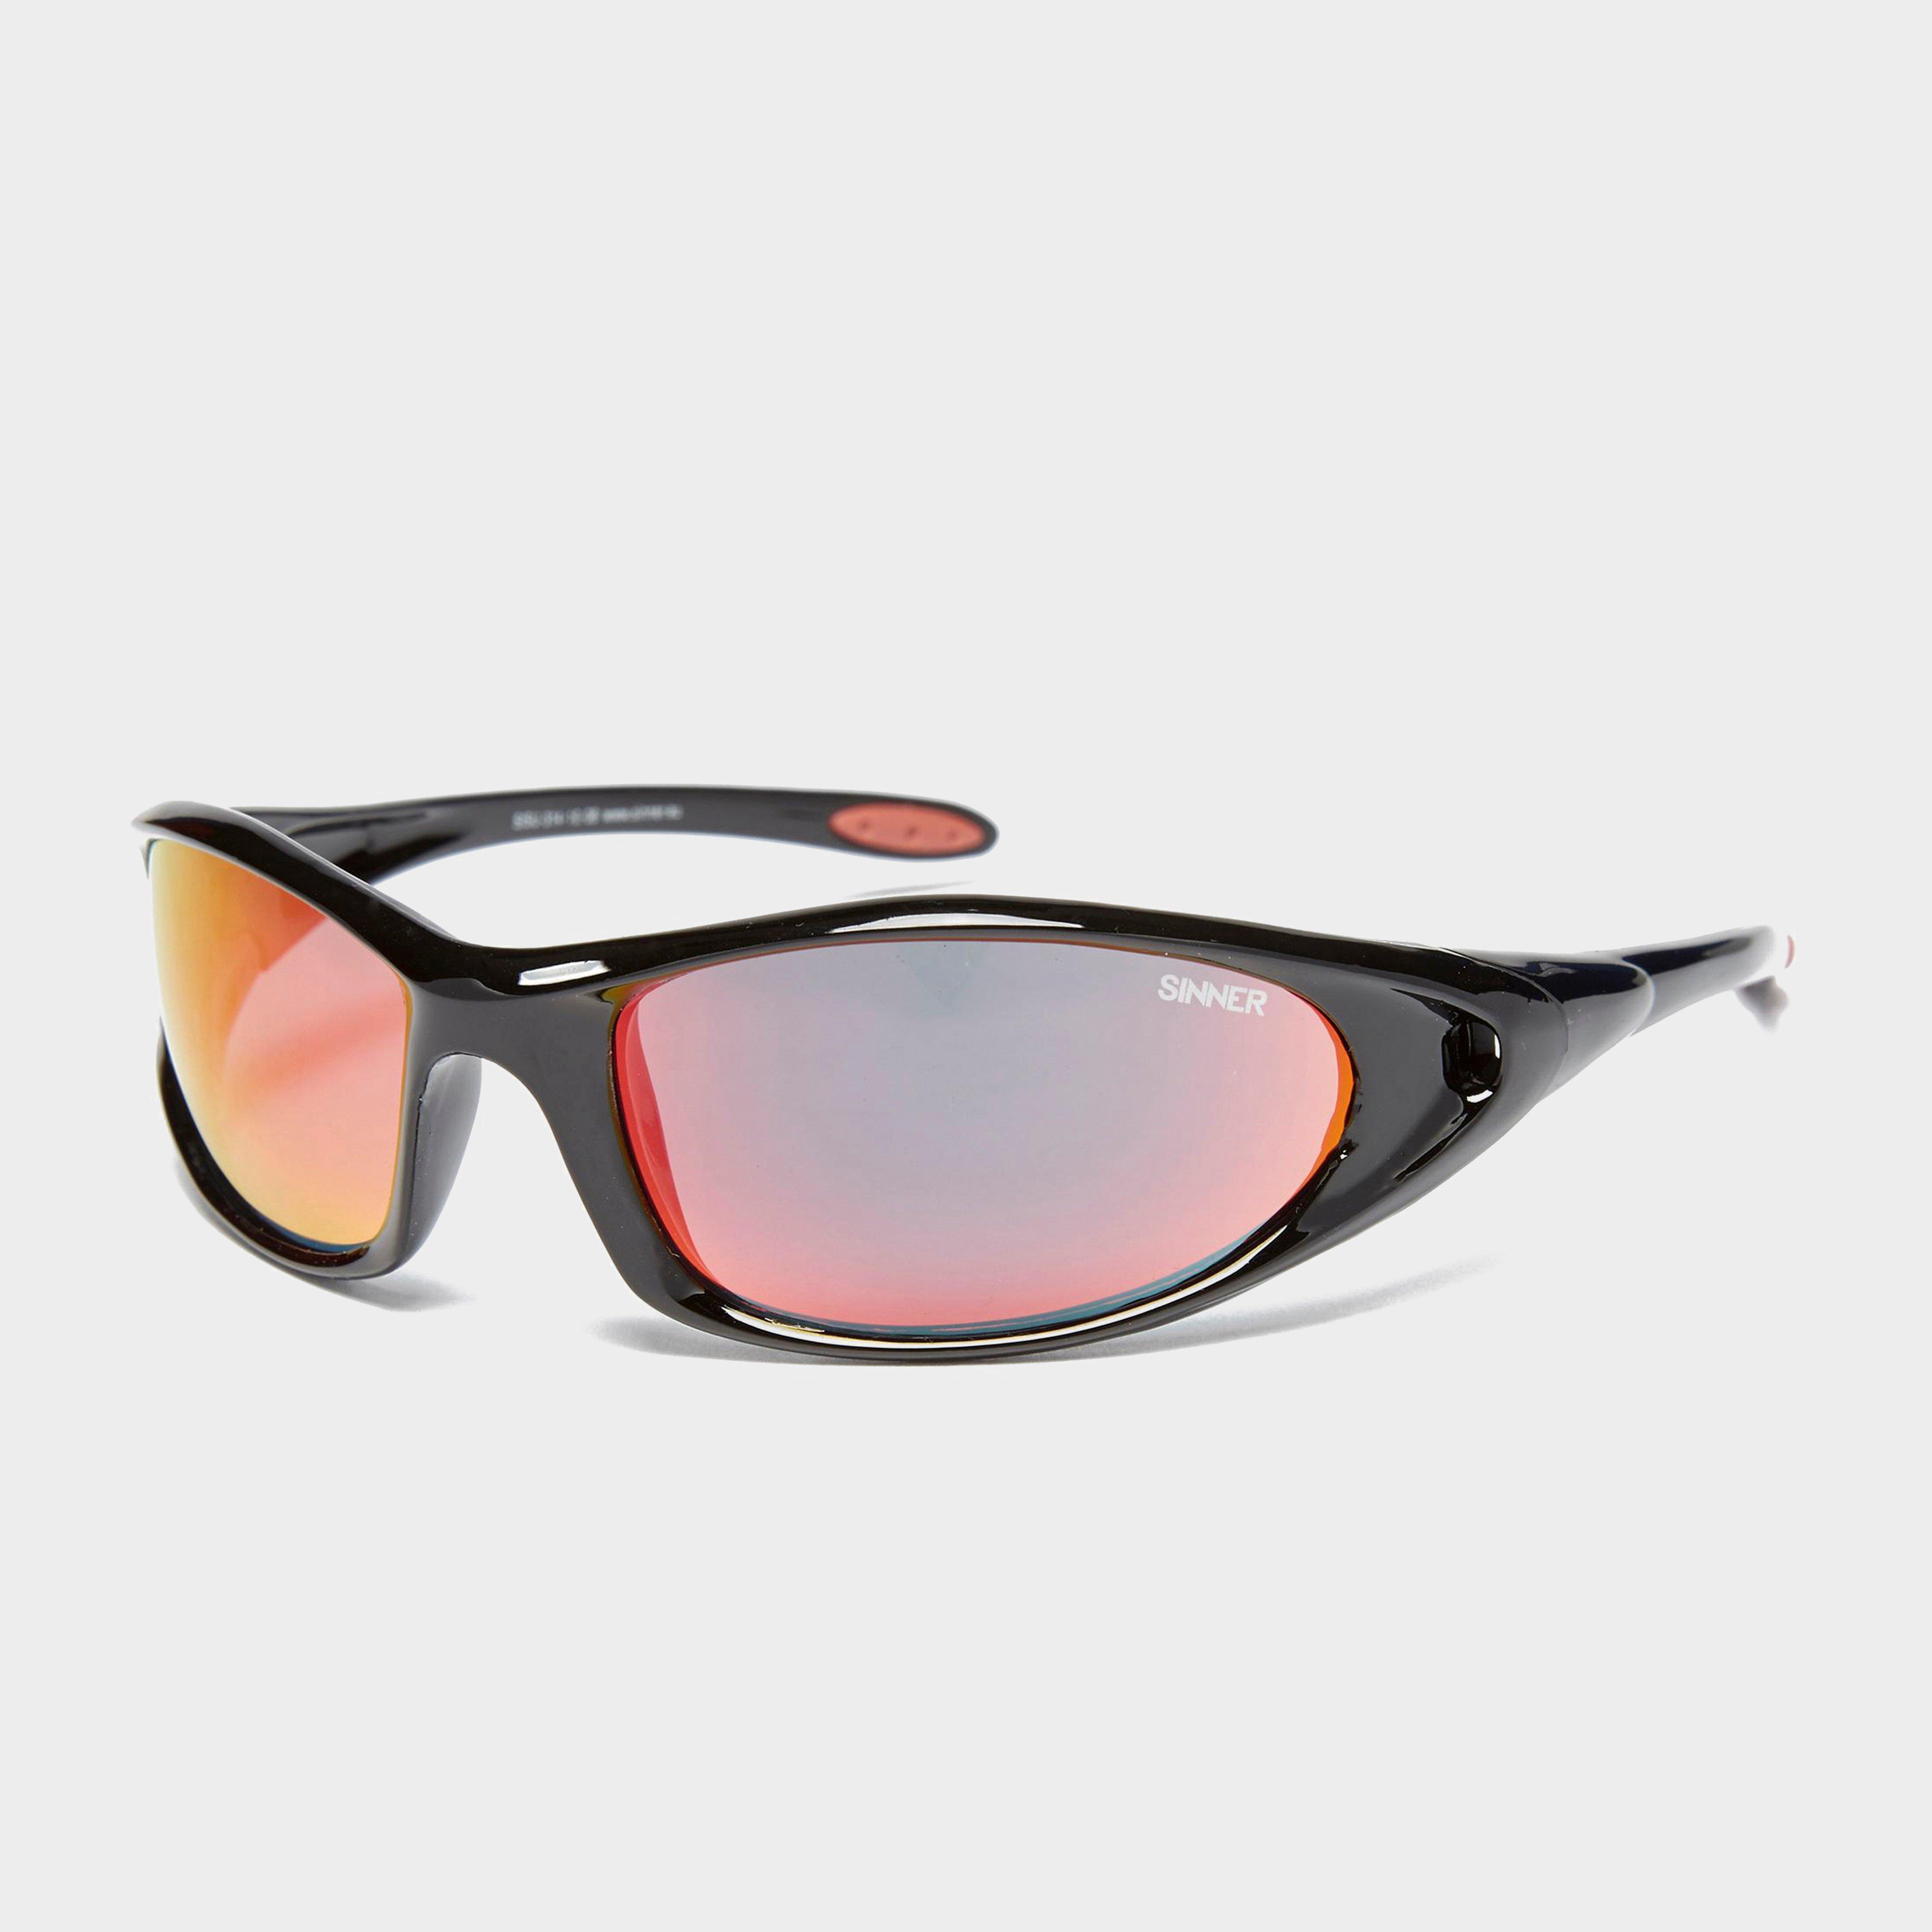 Image of Sinner Killer Sunglasses - Blk/Blk, BLK/BLK